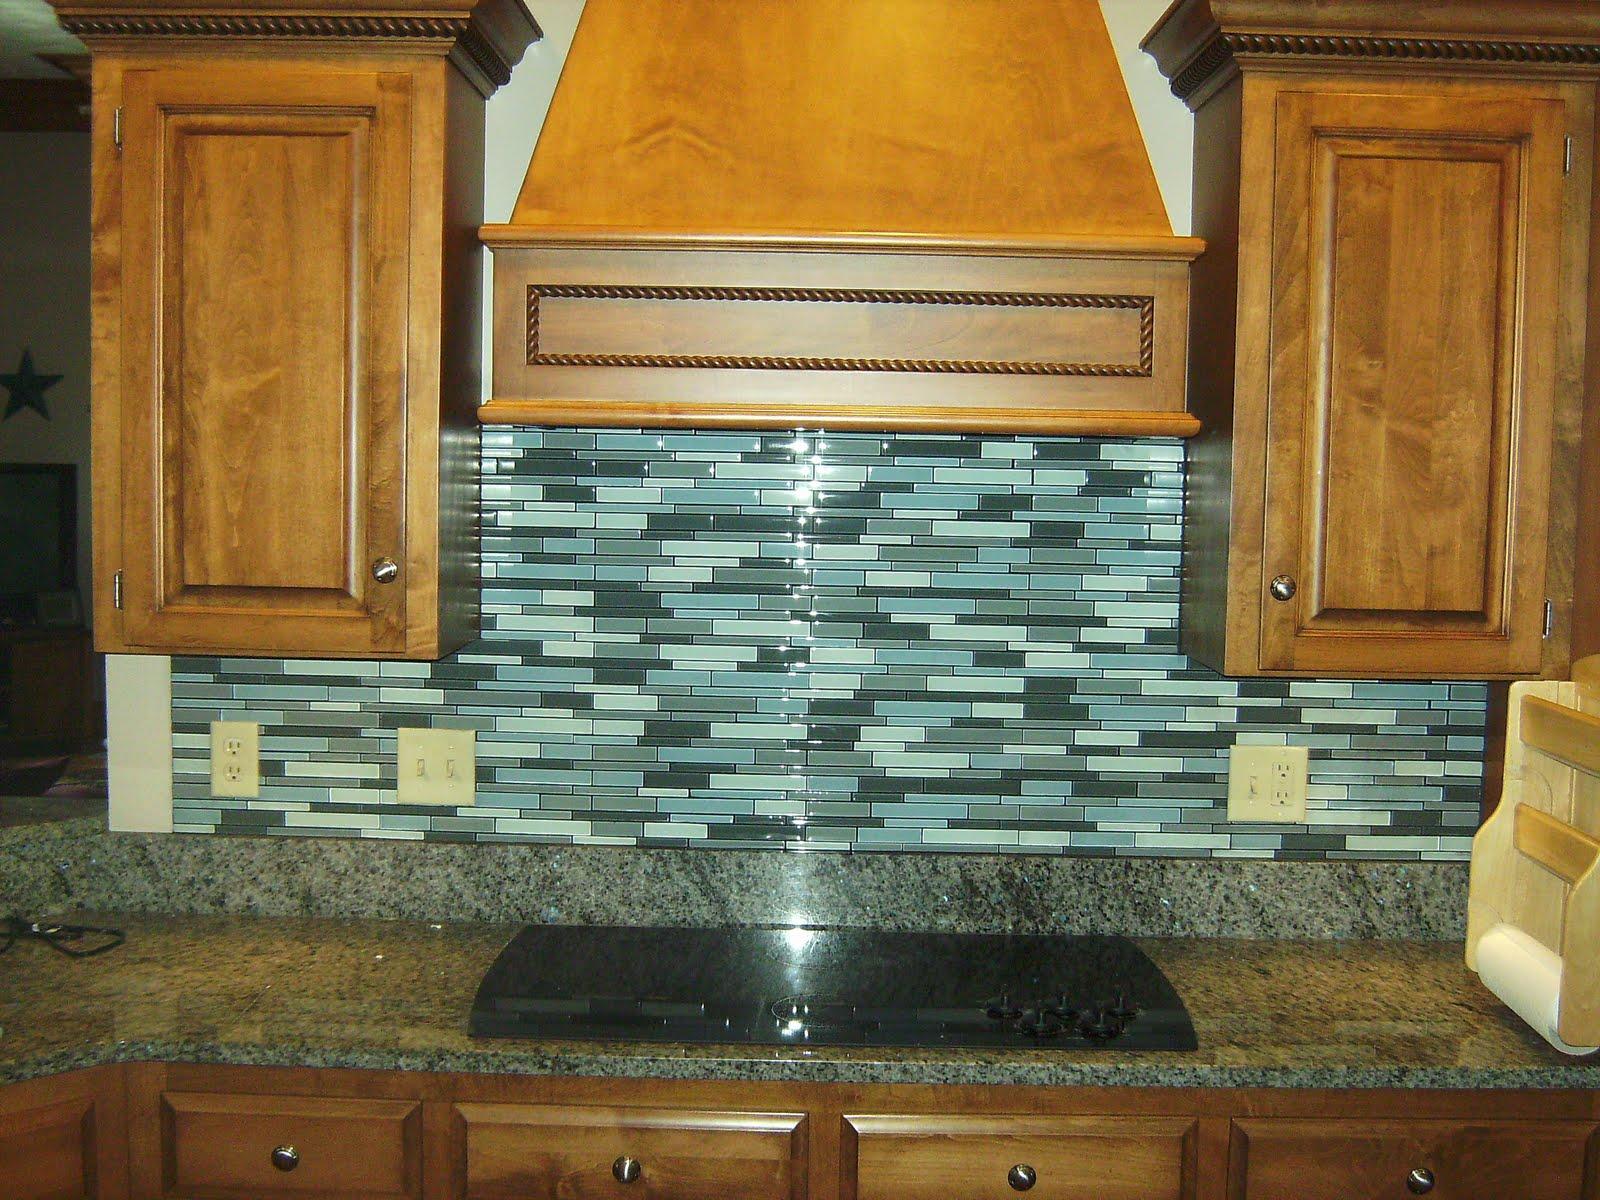 Knapp Tile and Flooring, Inc.: Glass Tile Backsplash